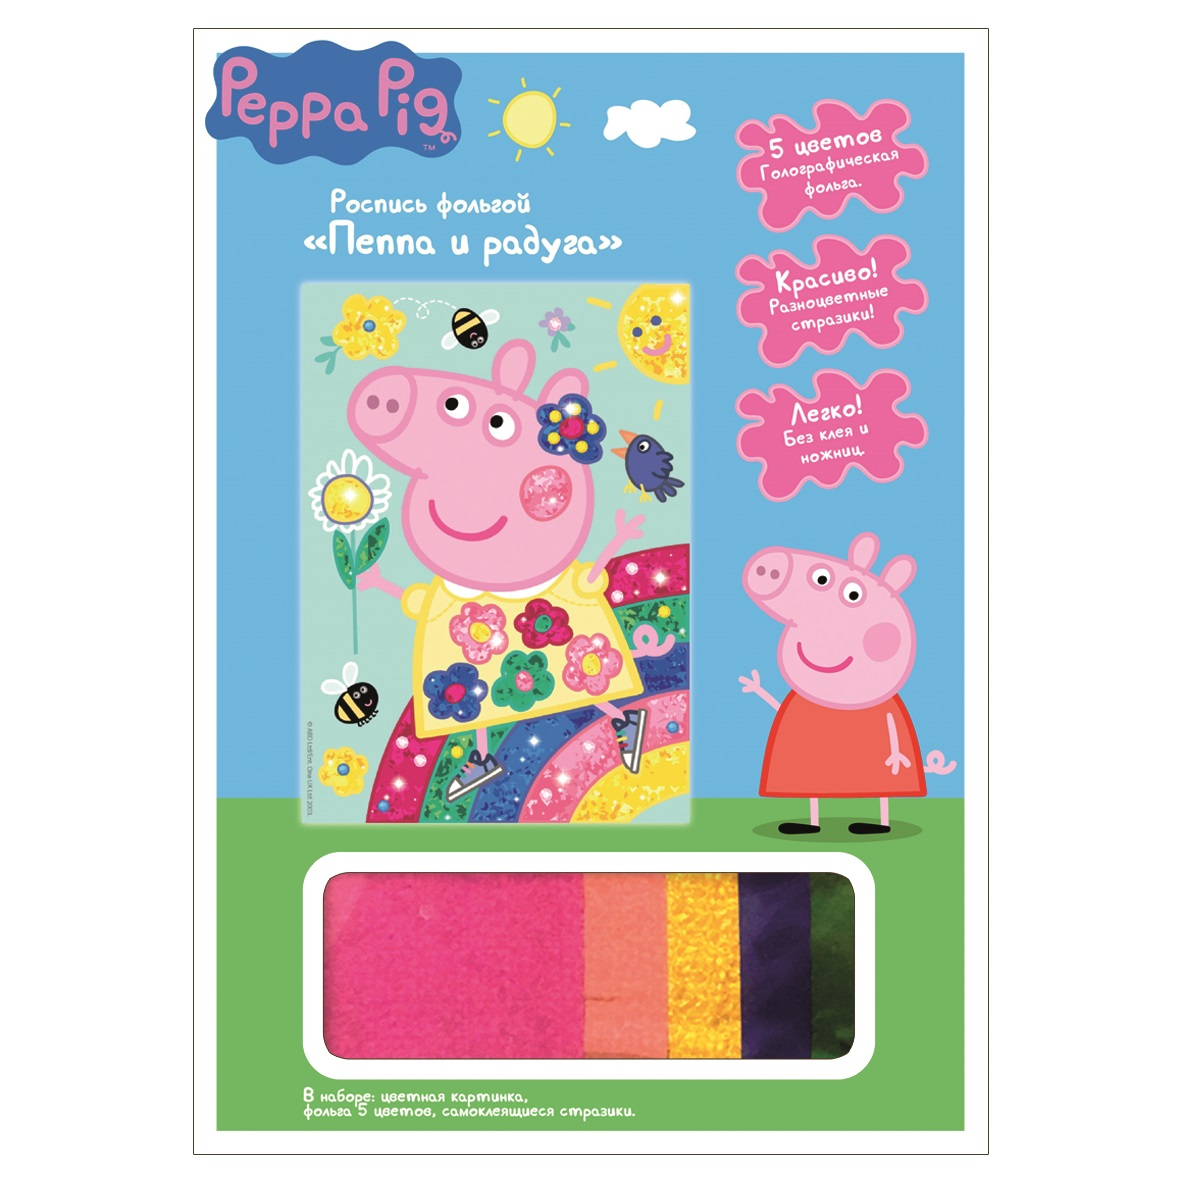 Набор для росписи цветной фольгой Peppa Pig - Пеппа и РадугаСвинка Пеппа Peppa Pig<br>Набор для росписи цветной фольгой Peppa Pig - Пеппа и Радуга<br>